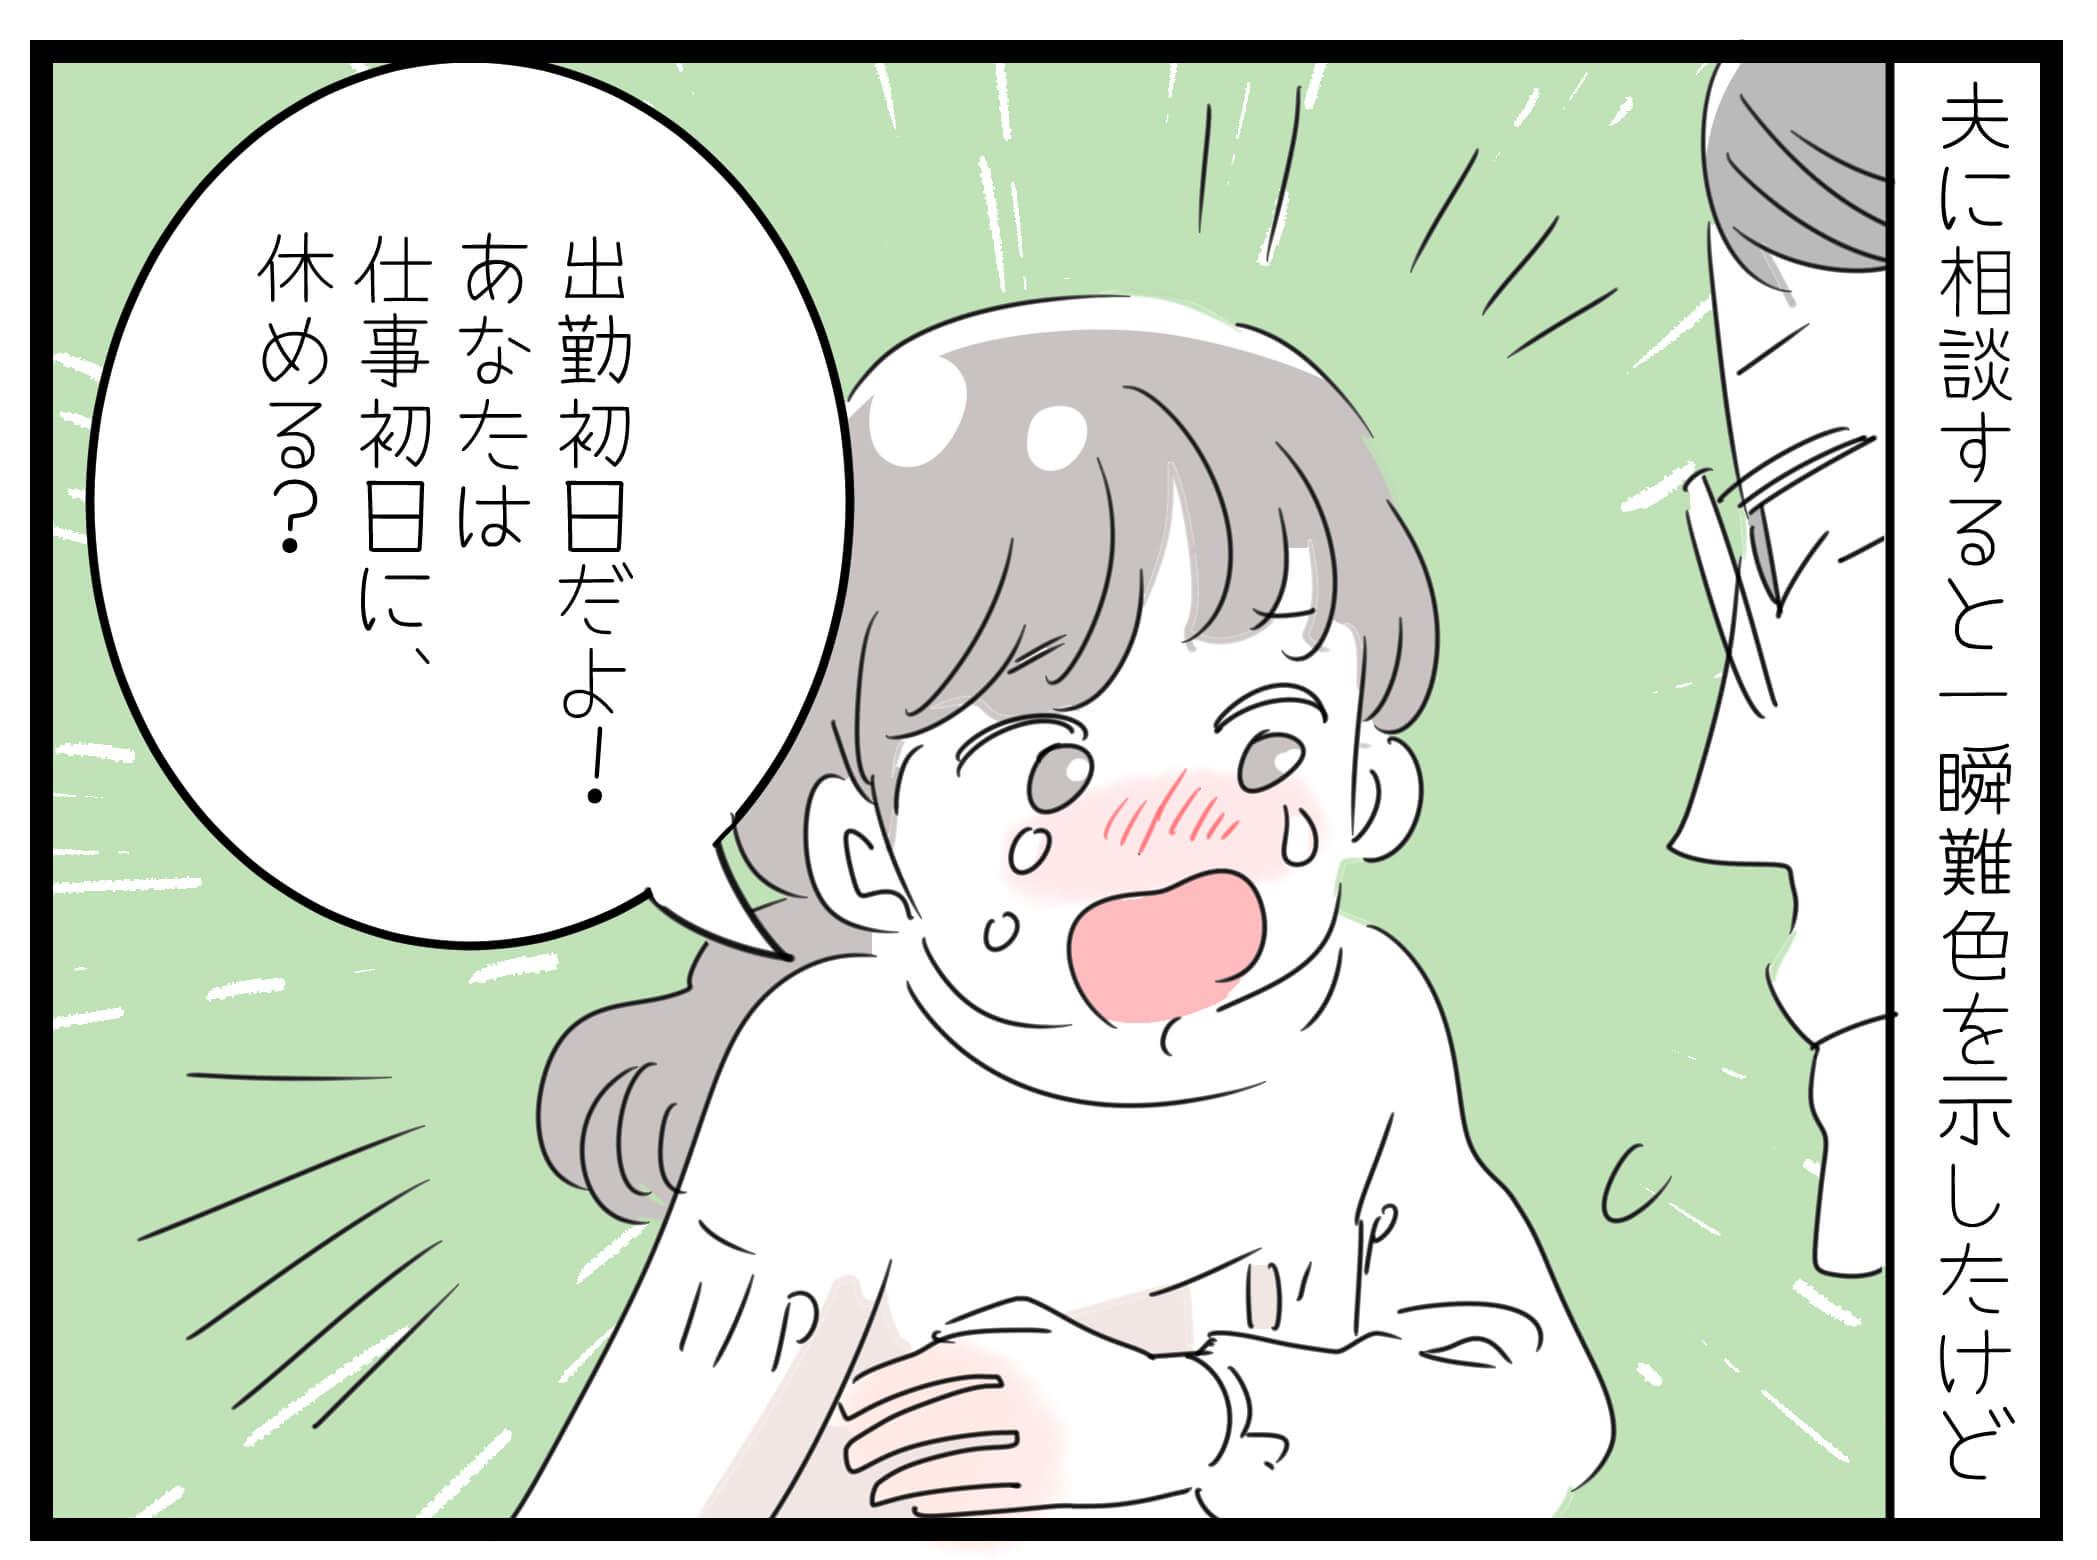 【第7話】ブランク10年目の挑戦~アラフォーママ、初めての転職~